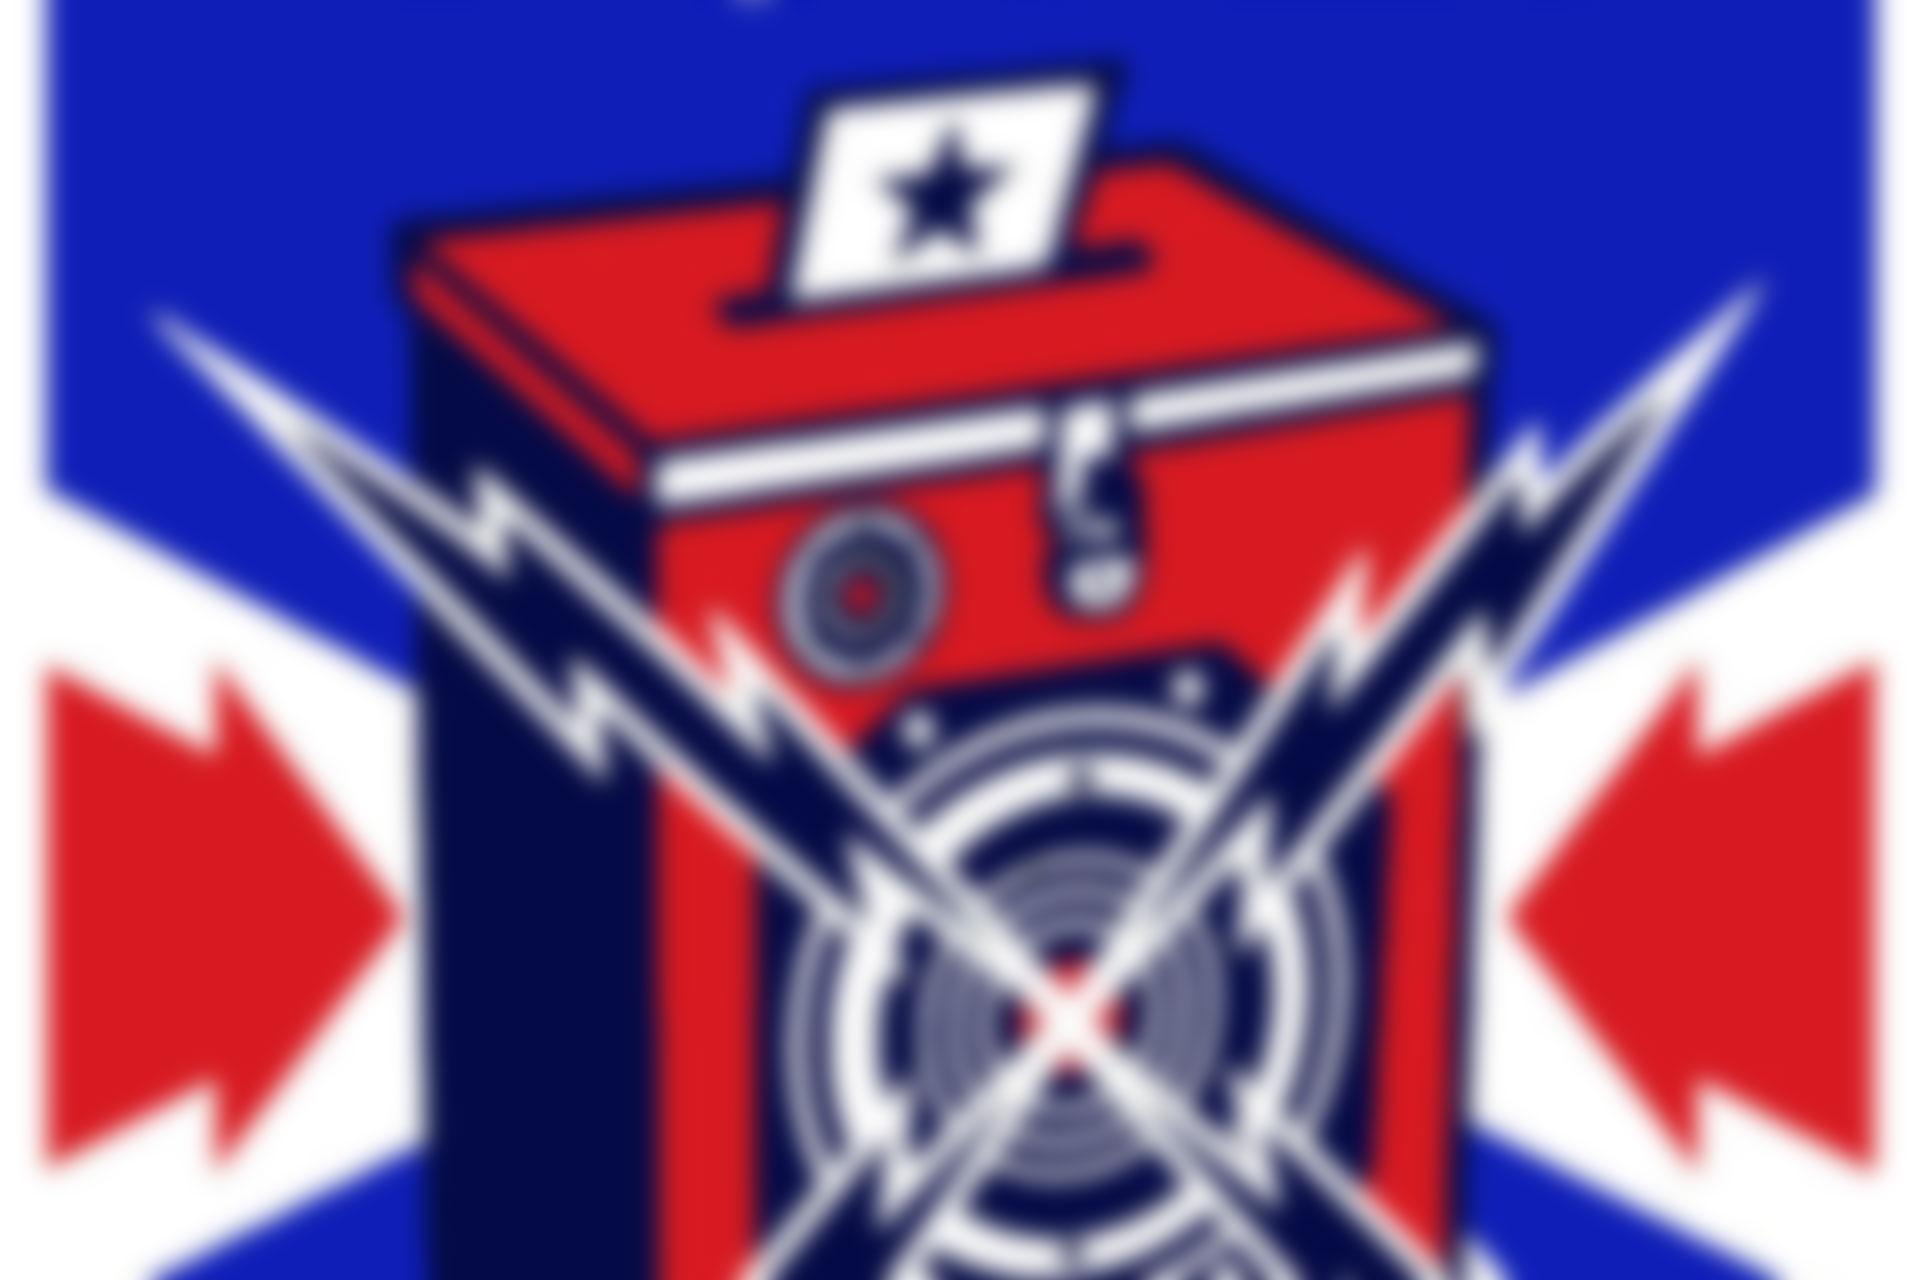 voteslide